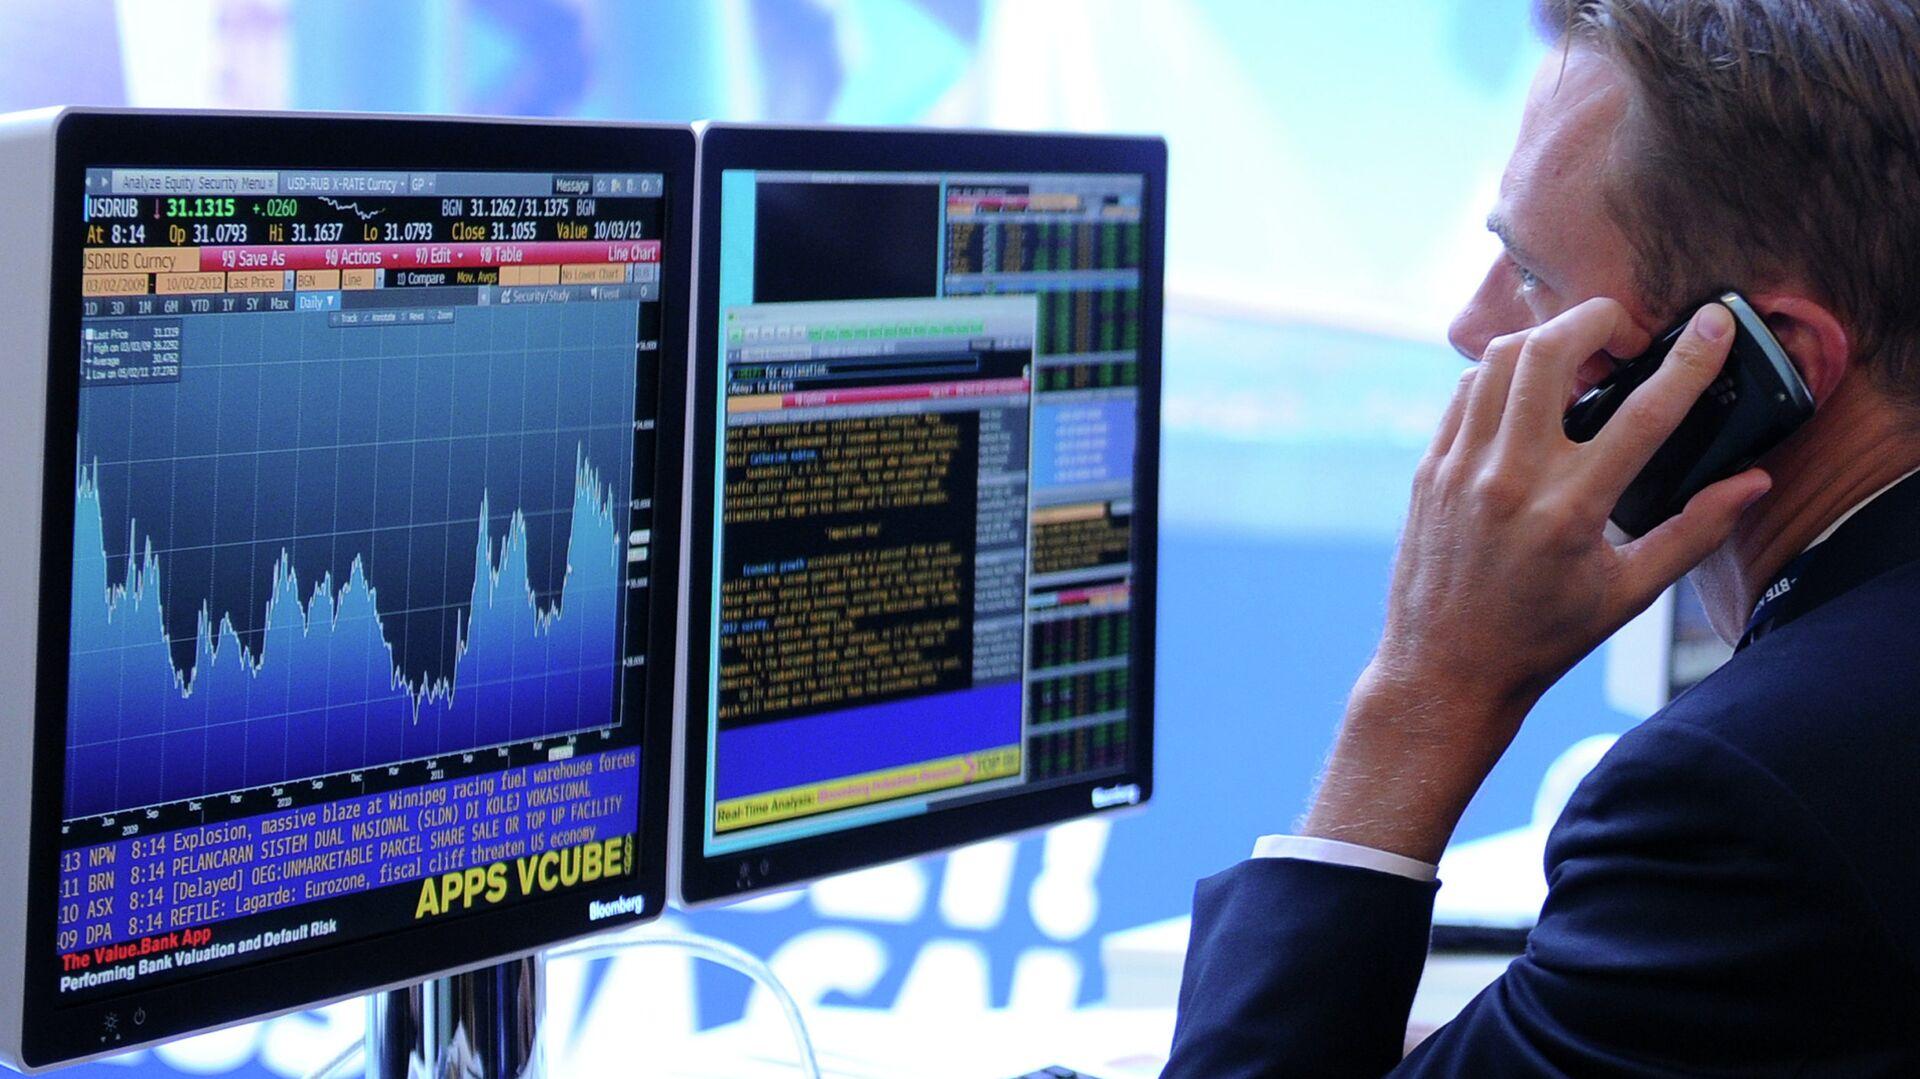 Экран, транслирующий биржевые графики и диаграммы - РИА Новости, 1920, 08.04.2021